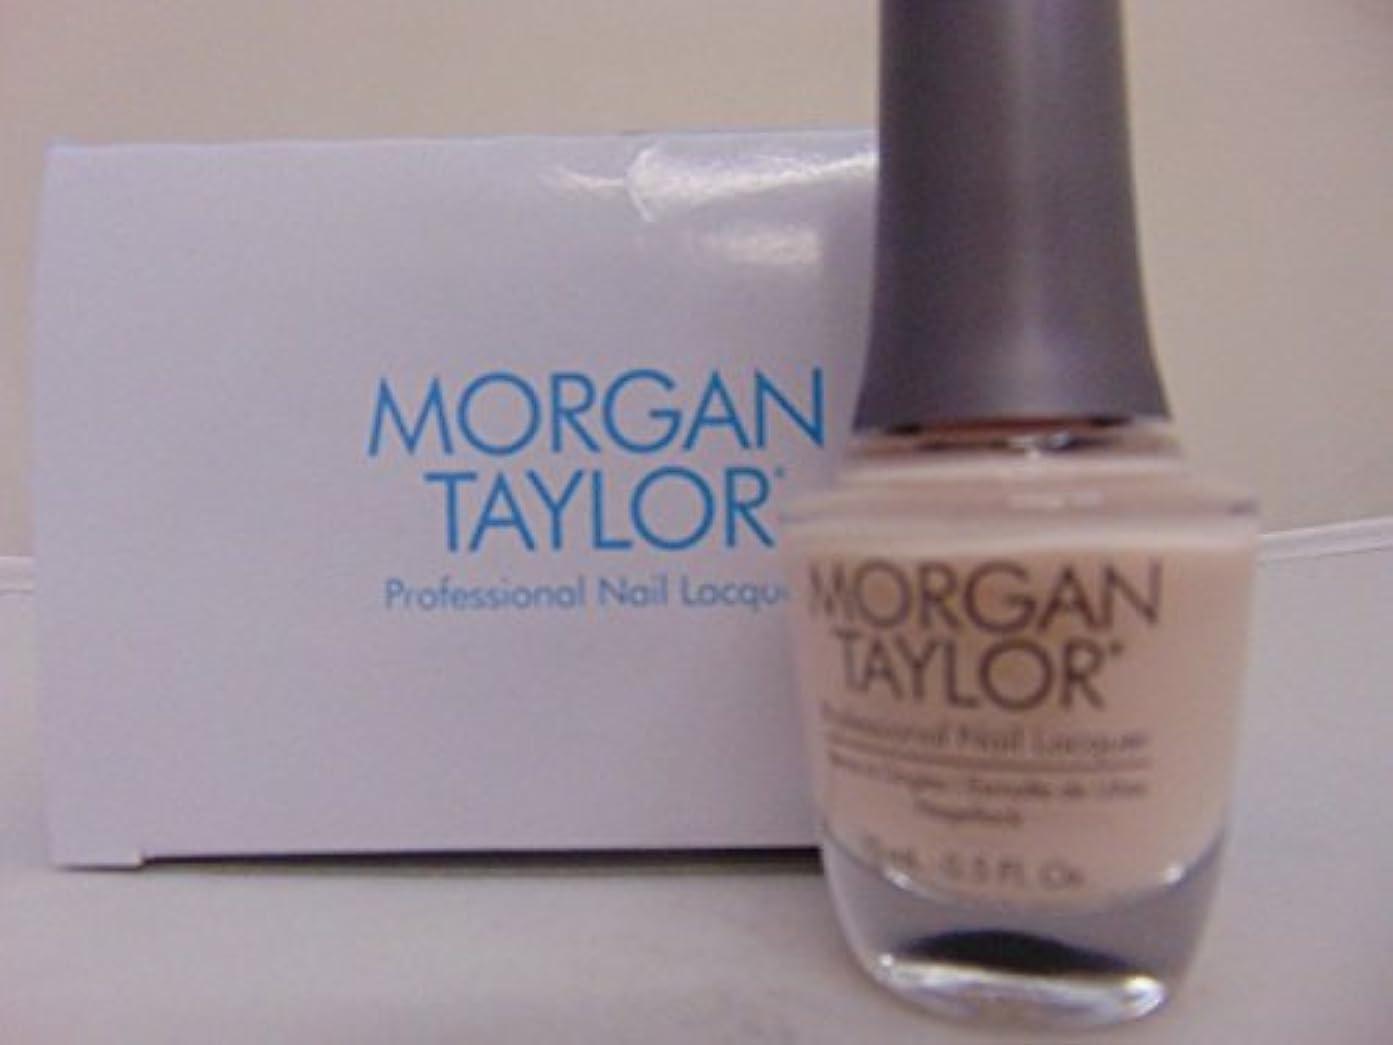 突撃ブレーク欲しいですMorgan Taylor - Professional Nail Lacquer - Simply Irresistible - 15 mL / 0.5oz